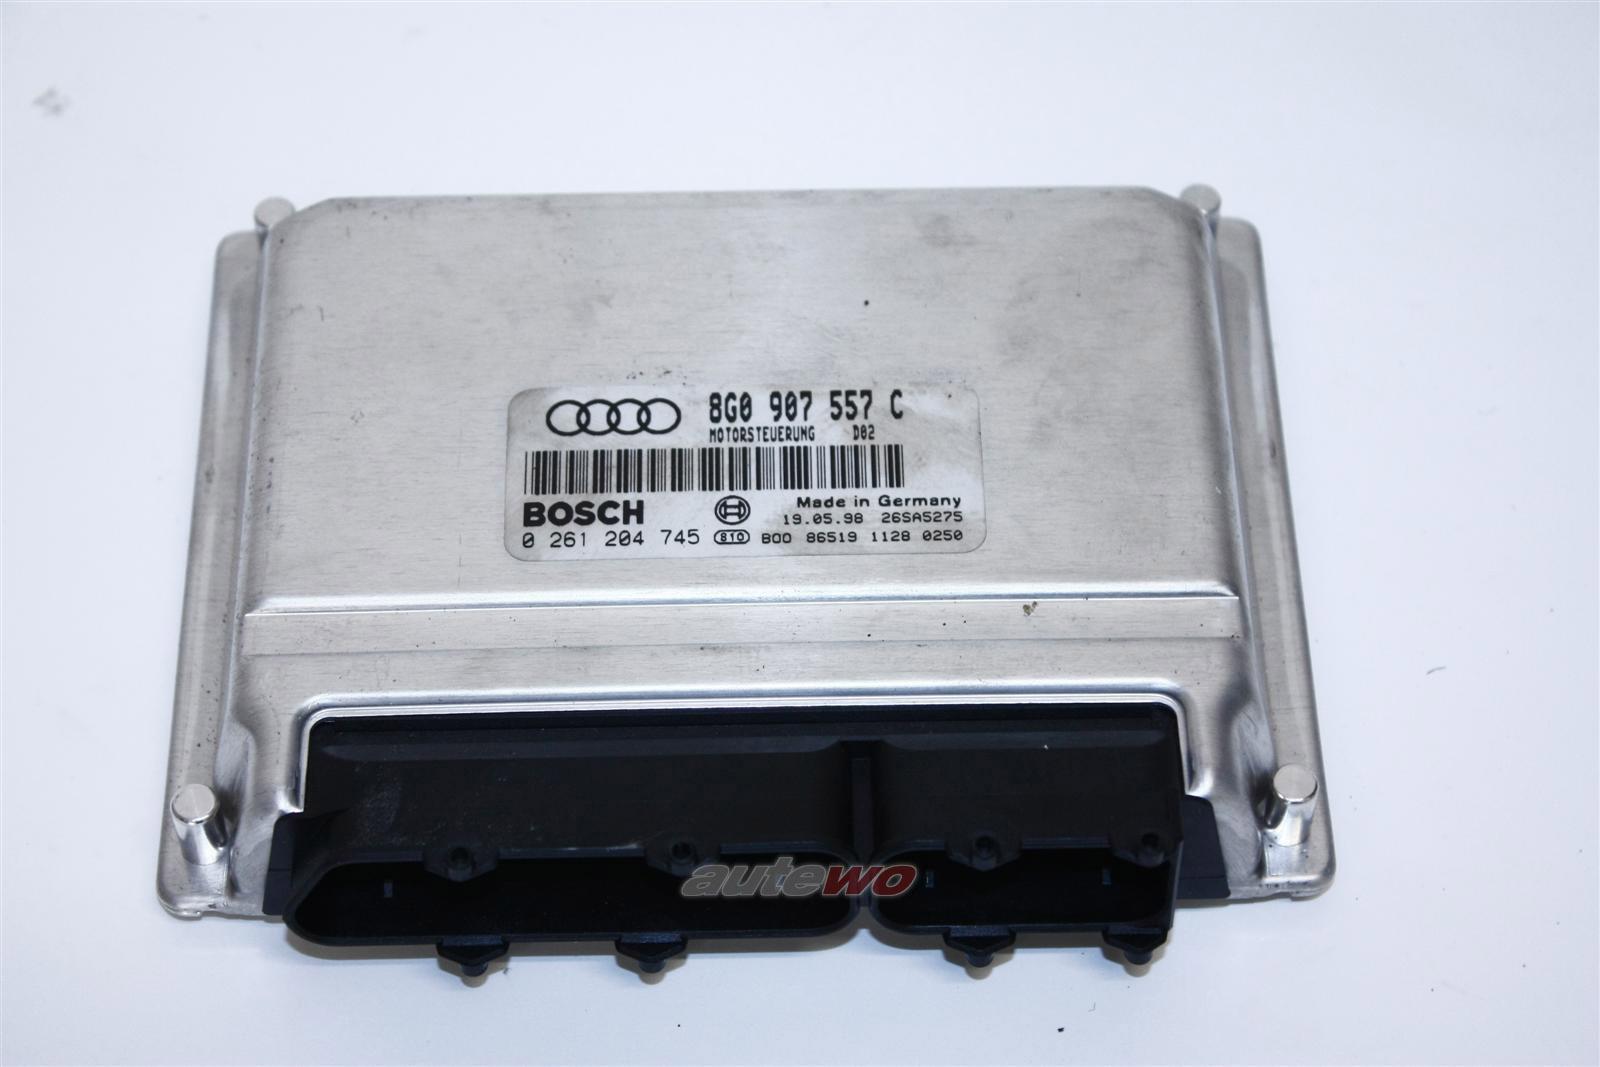 Audi Cabrio Typ 89 1.8l 125PS ADR Motorsteuergerät 8G0997557X 8G0907557C